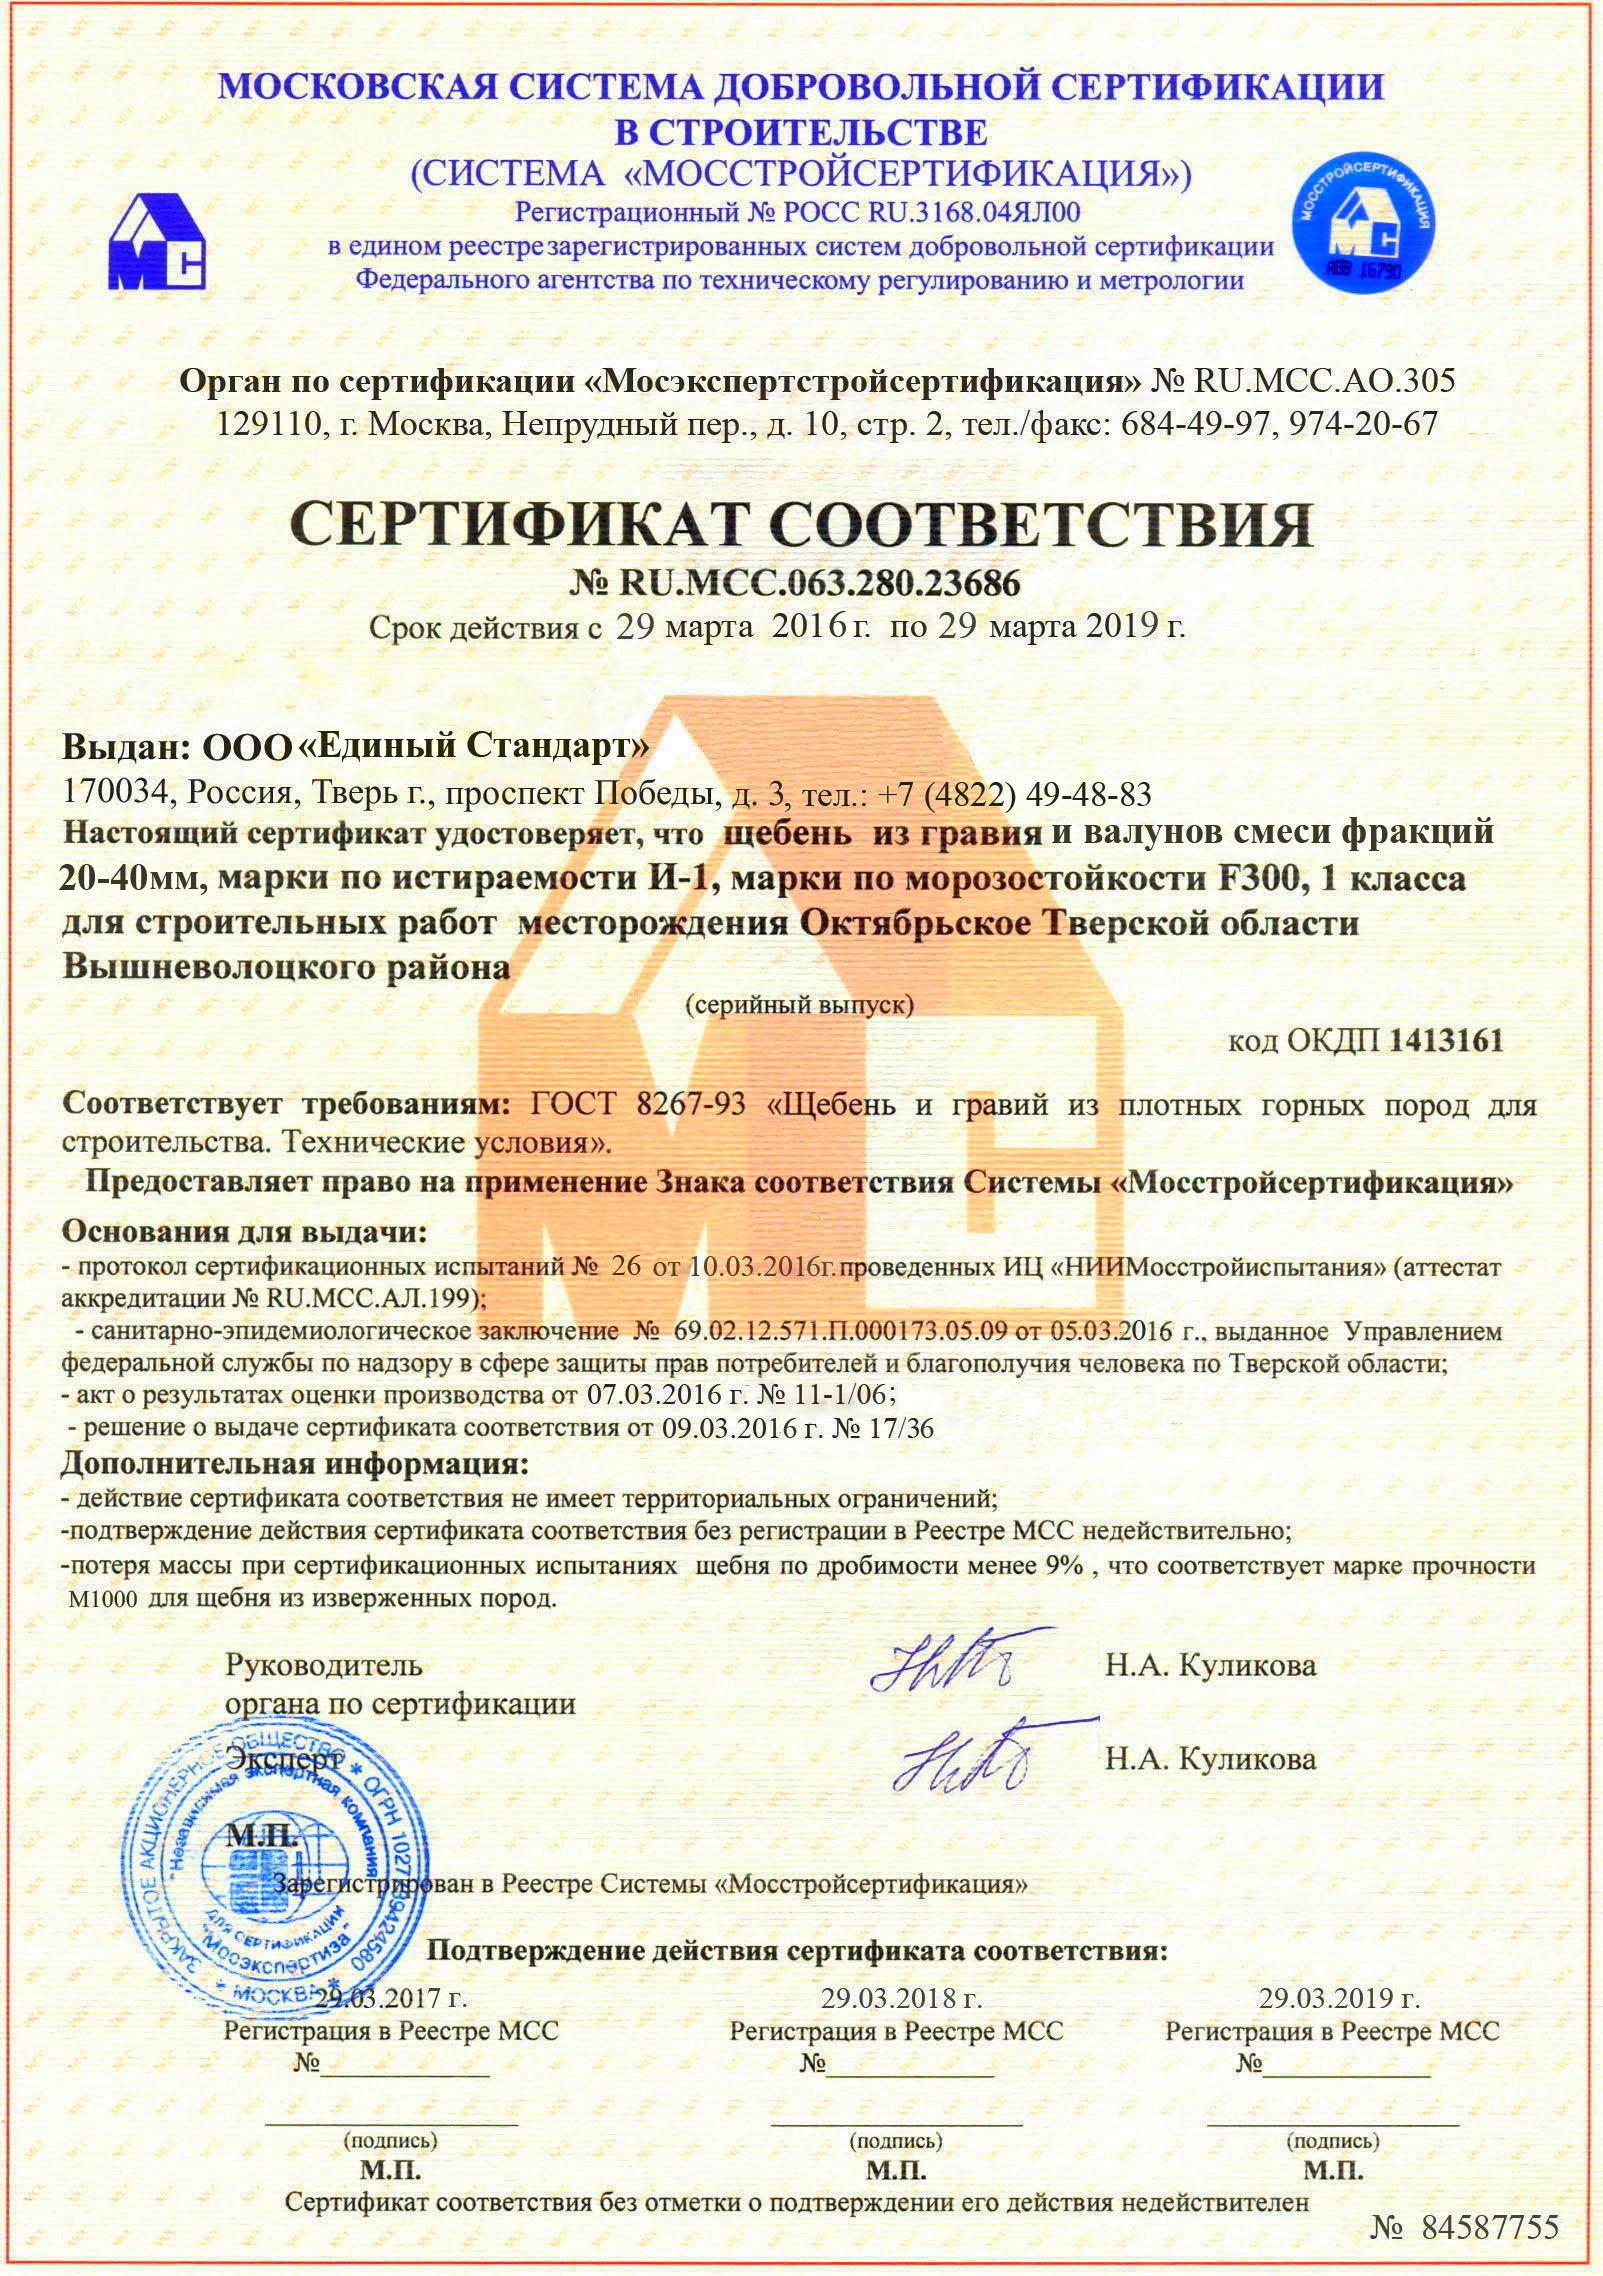 сертификат качества на кирпич - бланк